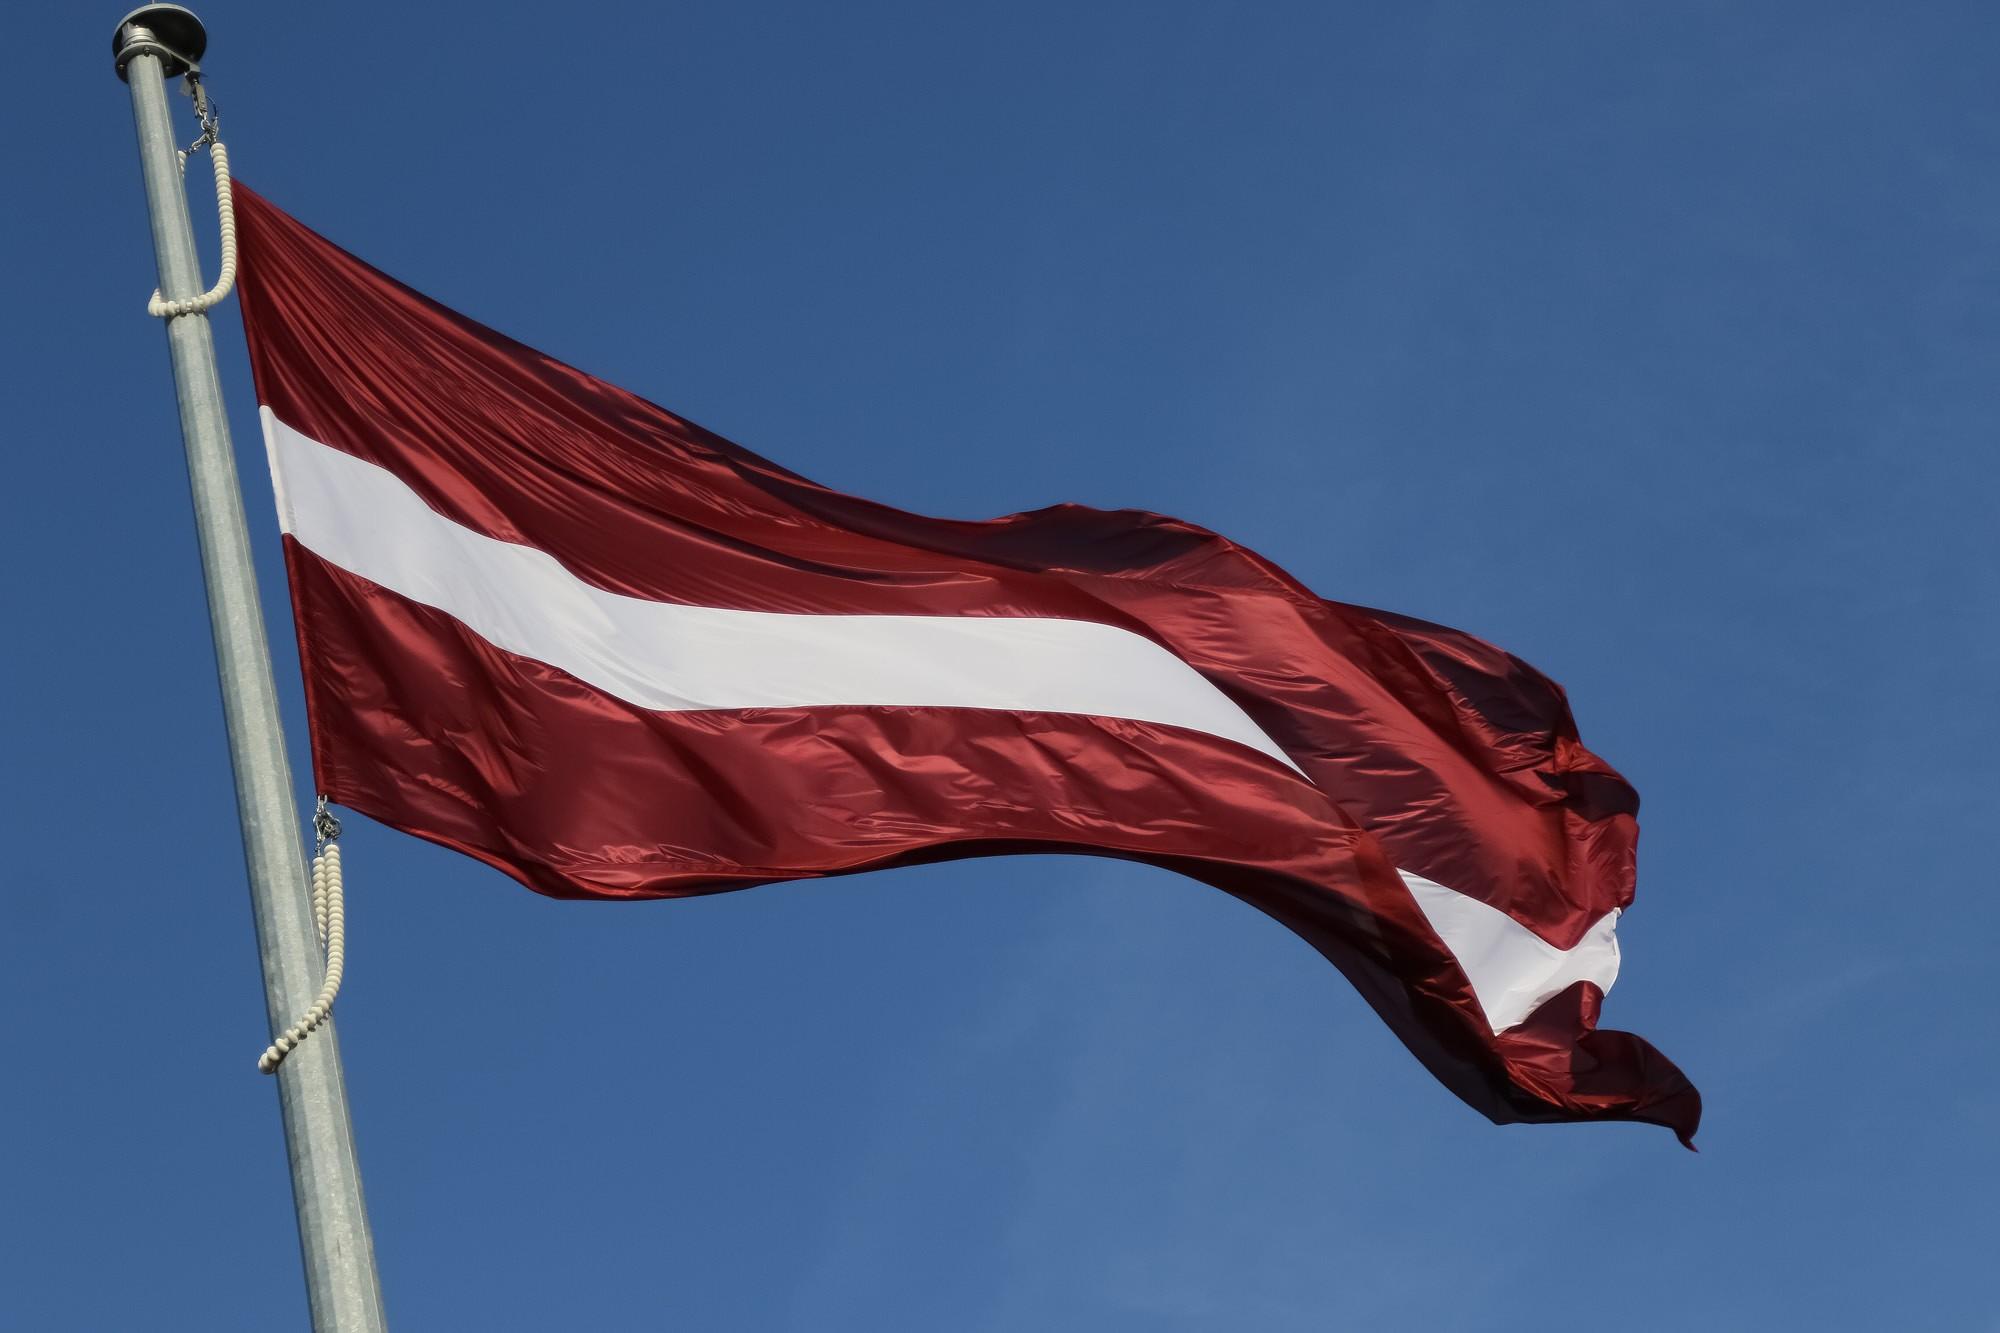 Латвия в пунктах пересечения границы установит государственные флаги